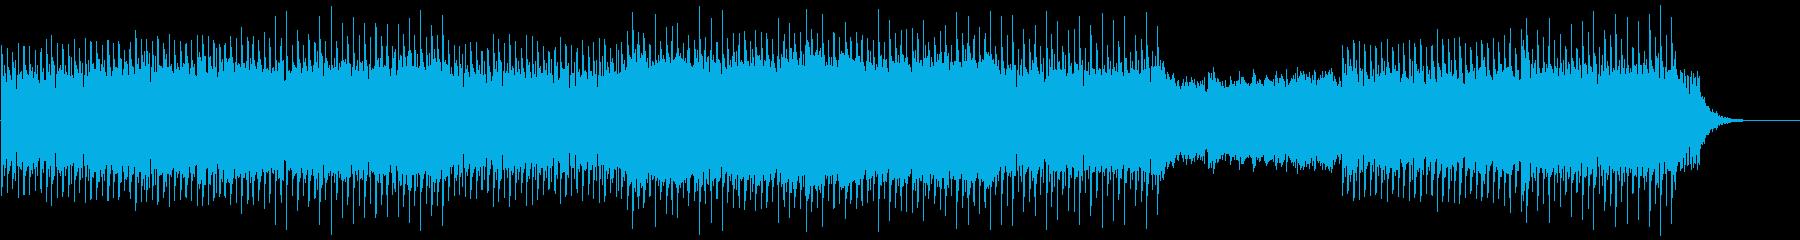 企業VP 爽やかなピアノとストリングスの再生済みの波形